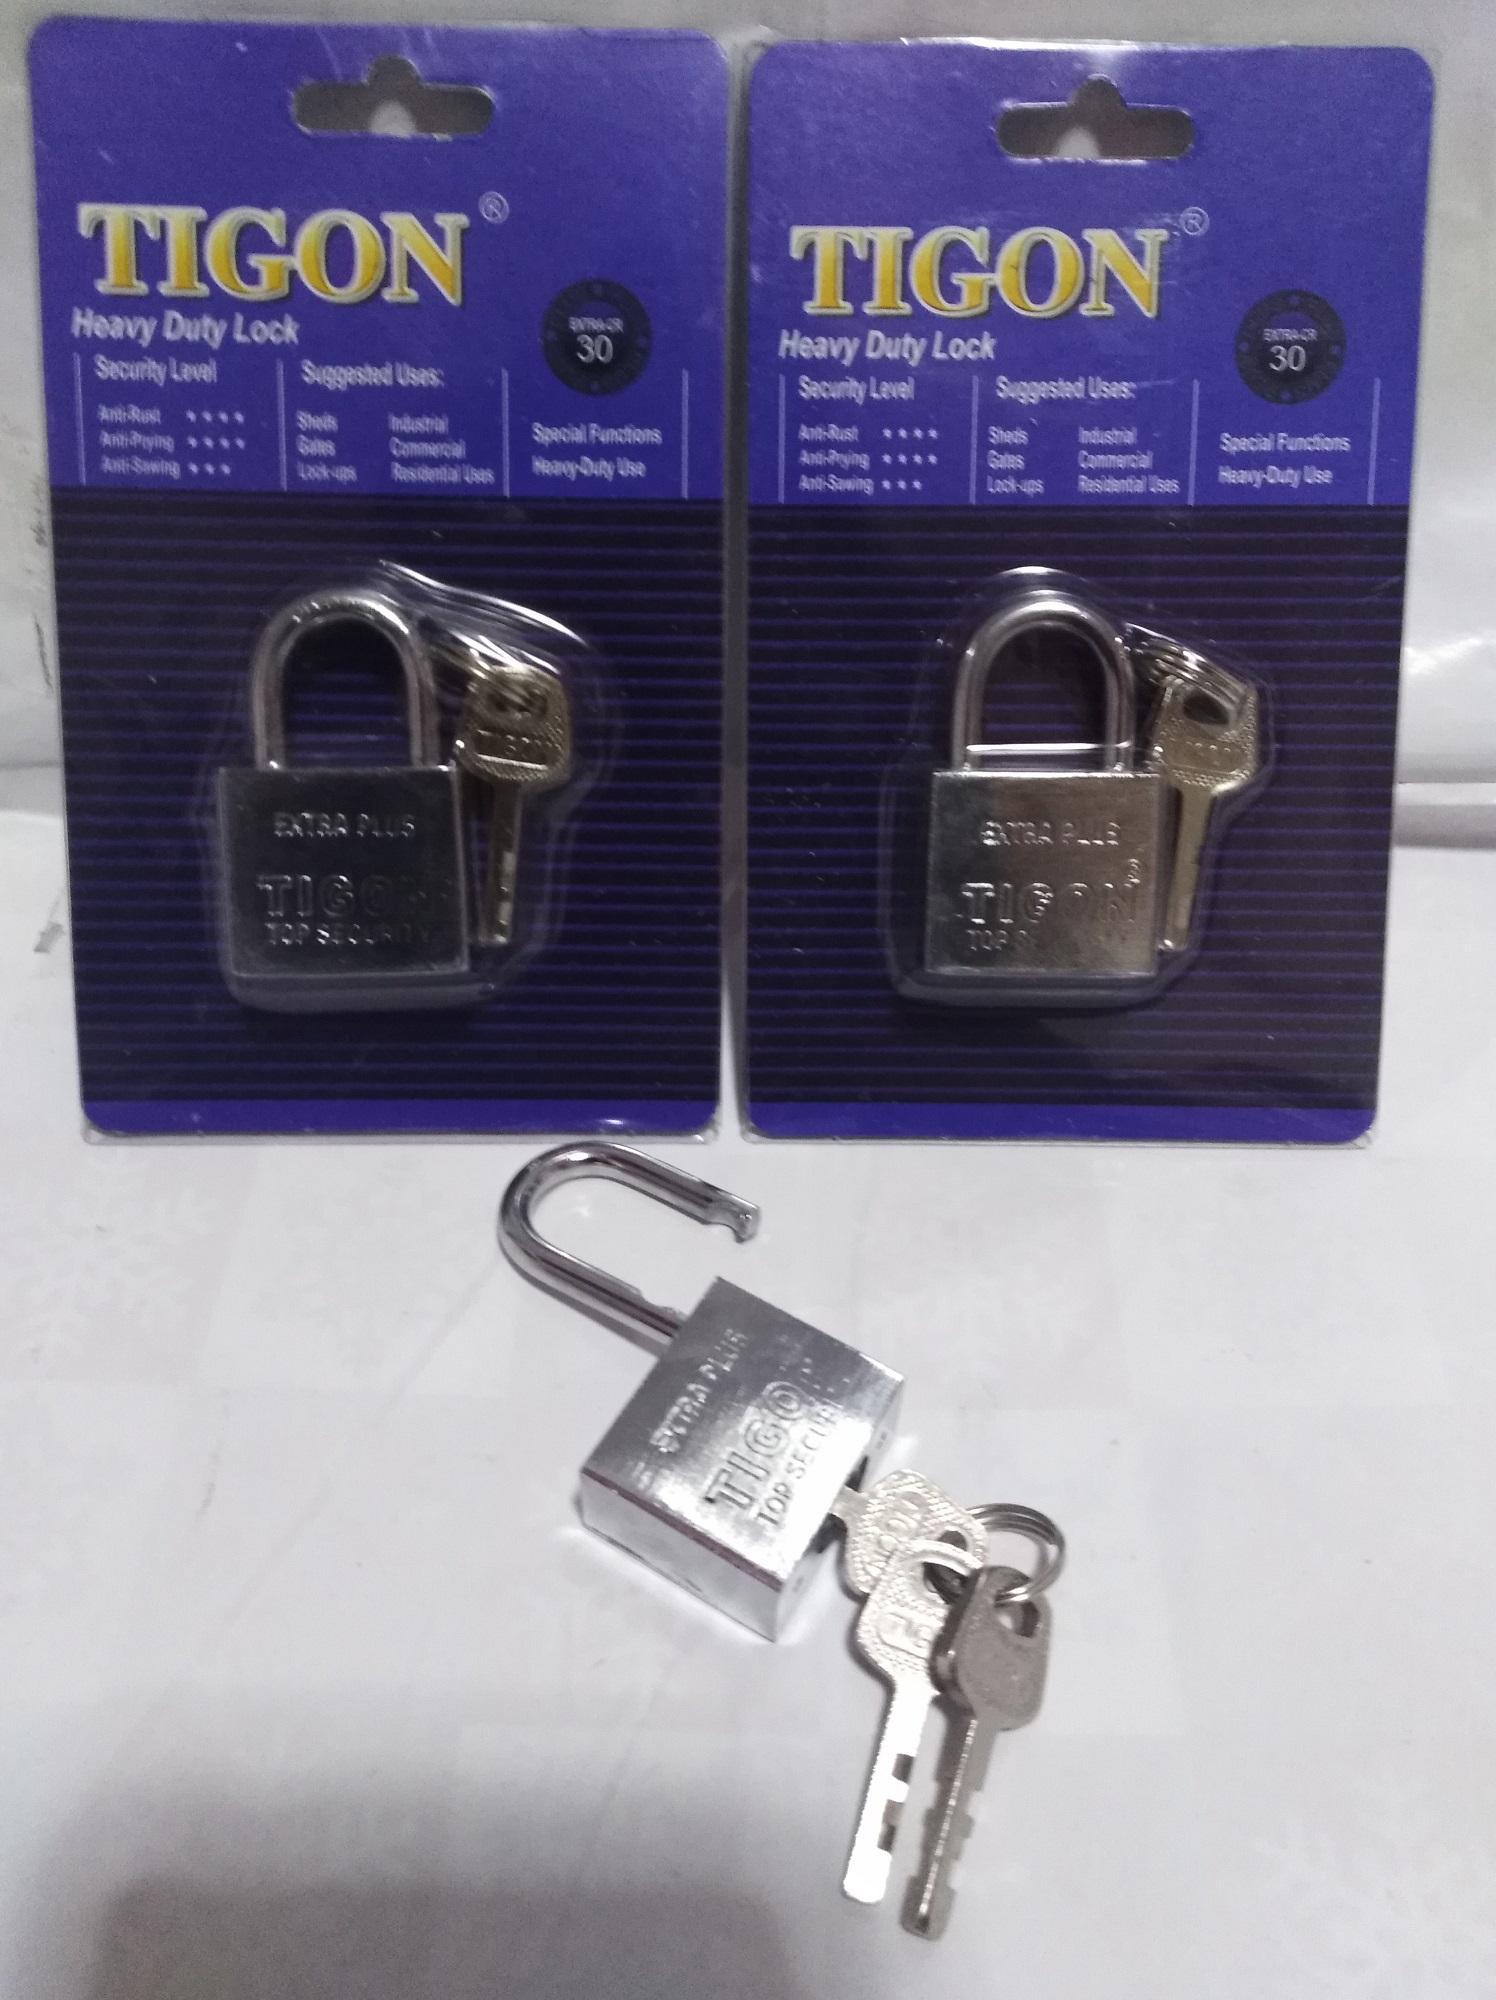 tigon heavy duty padlock Philippines